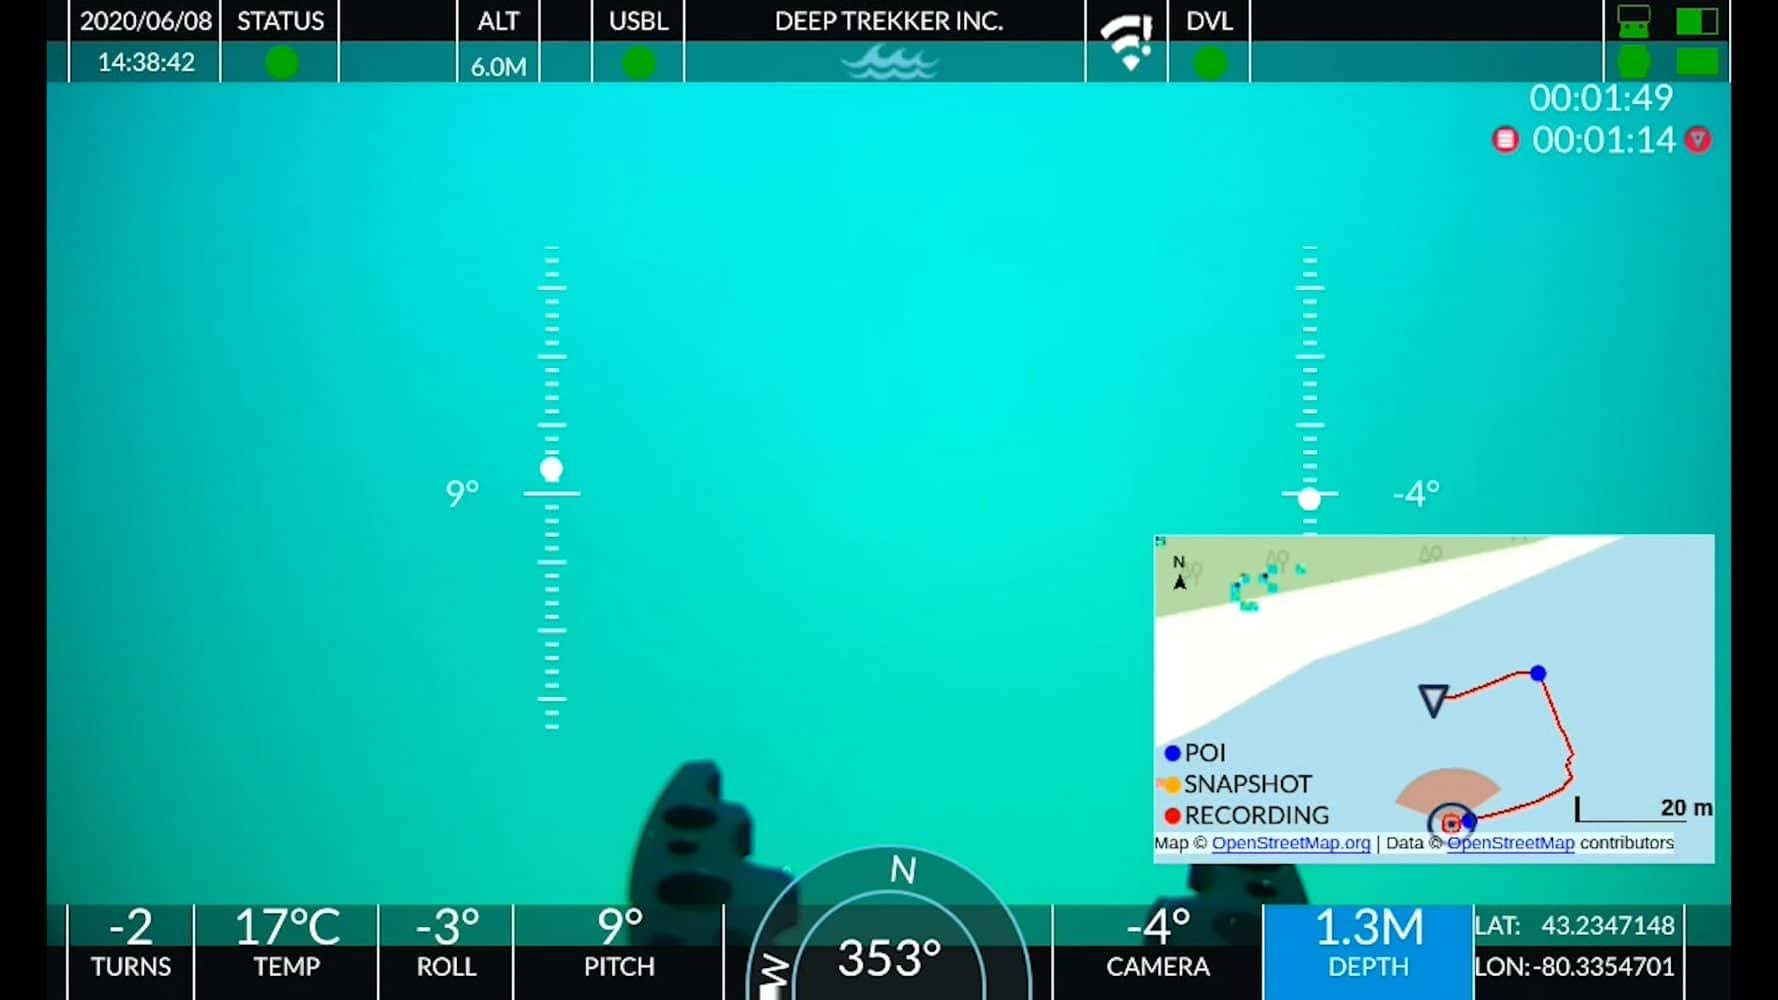 Positionering Het SeaTrac Ultra Short Baseline Locating-systeem (USBL) geeft de relatieve positie van de ROV weer. Waypoints kunnen tijdens werkzaamheden worden voorgeprogrammeerd. Soms zijn de omstandigheden onoverzichtelijk waardoor het belangrijk is om te weten waar de ROV zich bevindt. Zonder de mogelijkheid om GPS onder water te gebruiken, vertrouwen ROV's op het gebruik van geluidstechnologie voor navigatie en lokalisatie. Snel en effectief nauwkeurige resultaten Een vergunning of ontheffing is (meestal) niet nodig voor deze vorm van inspectie. De onderwaterdrone is direct inzetbaar en levert nauwkeurige resultaten af. Zet de ROV in voor onder en bovenwaterinspectie conform NEN2767-4, CUR117:2020 of NEN13508-2 van oeverconstructies, (binnenstedelijke) kademuren, bouwputten, sifons, duikers, gemalen, in- en uitlaatwerken en watertanks. Ervaar de meerwaarde bij het checken van scheepsrompen, schroeven en blusvoorzieningen.